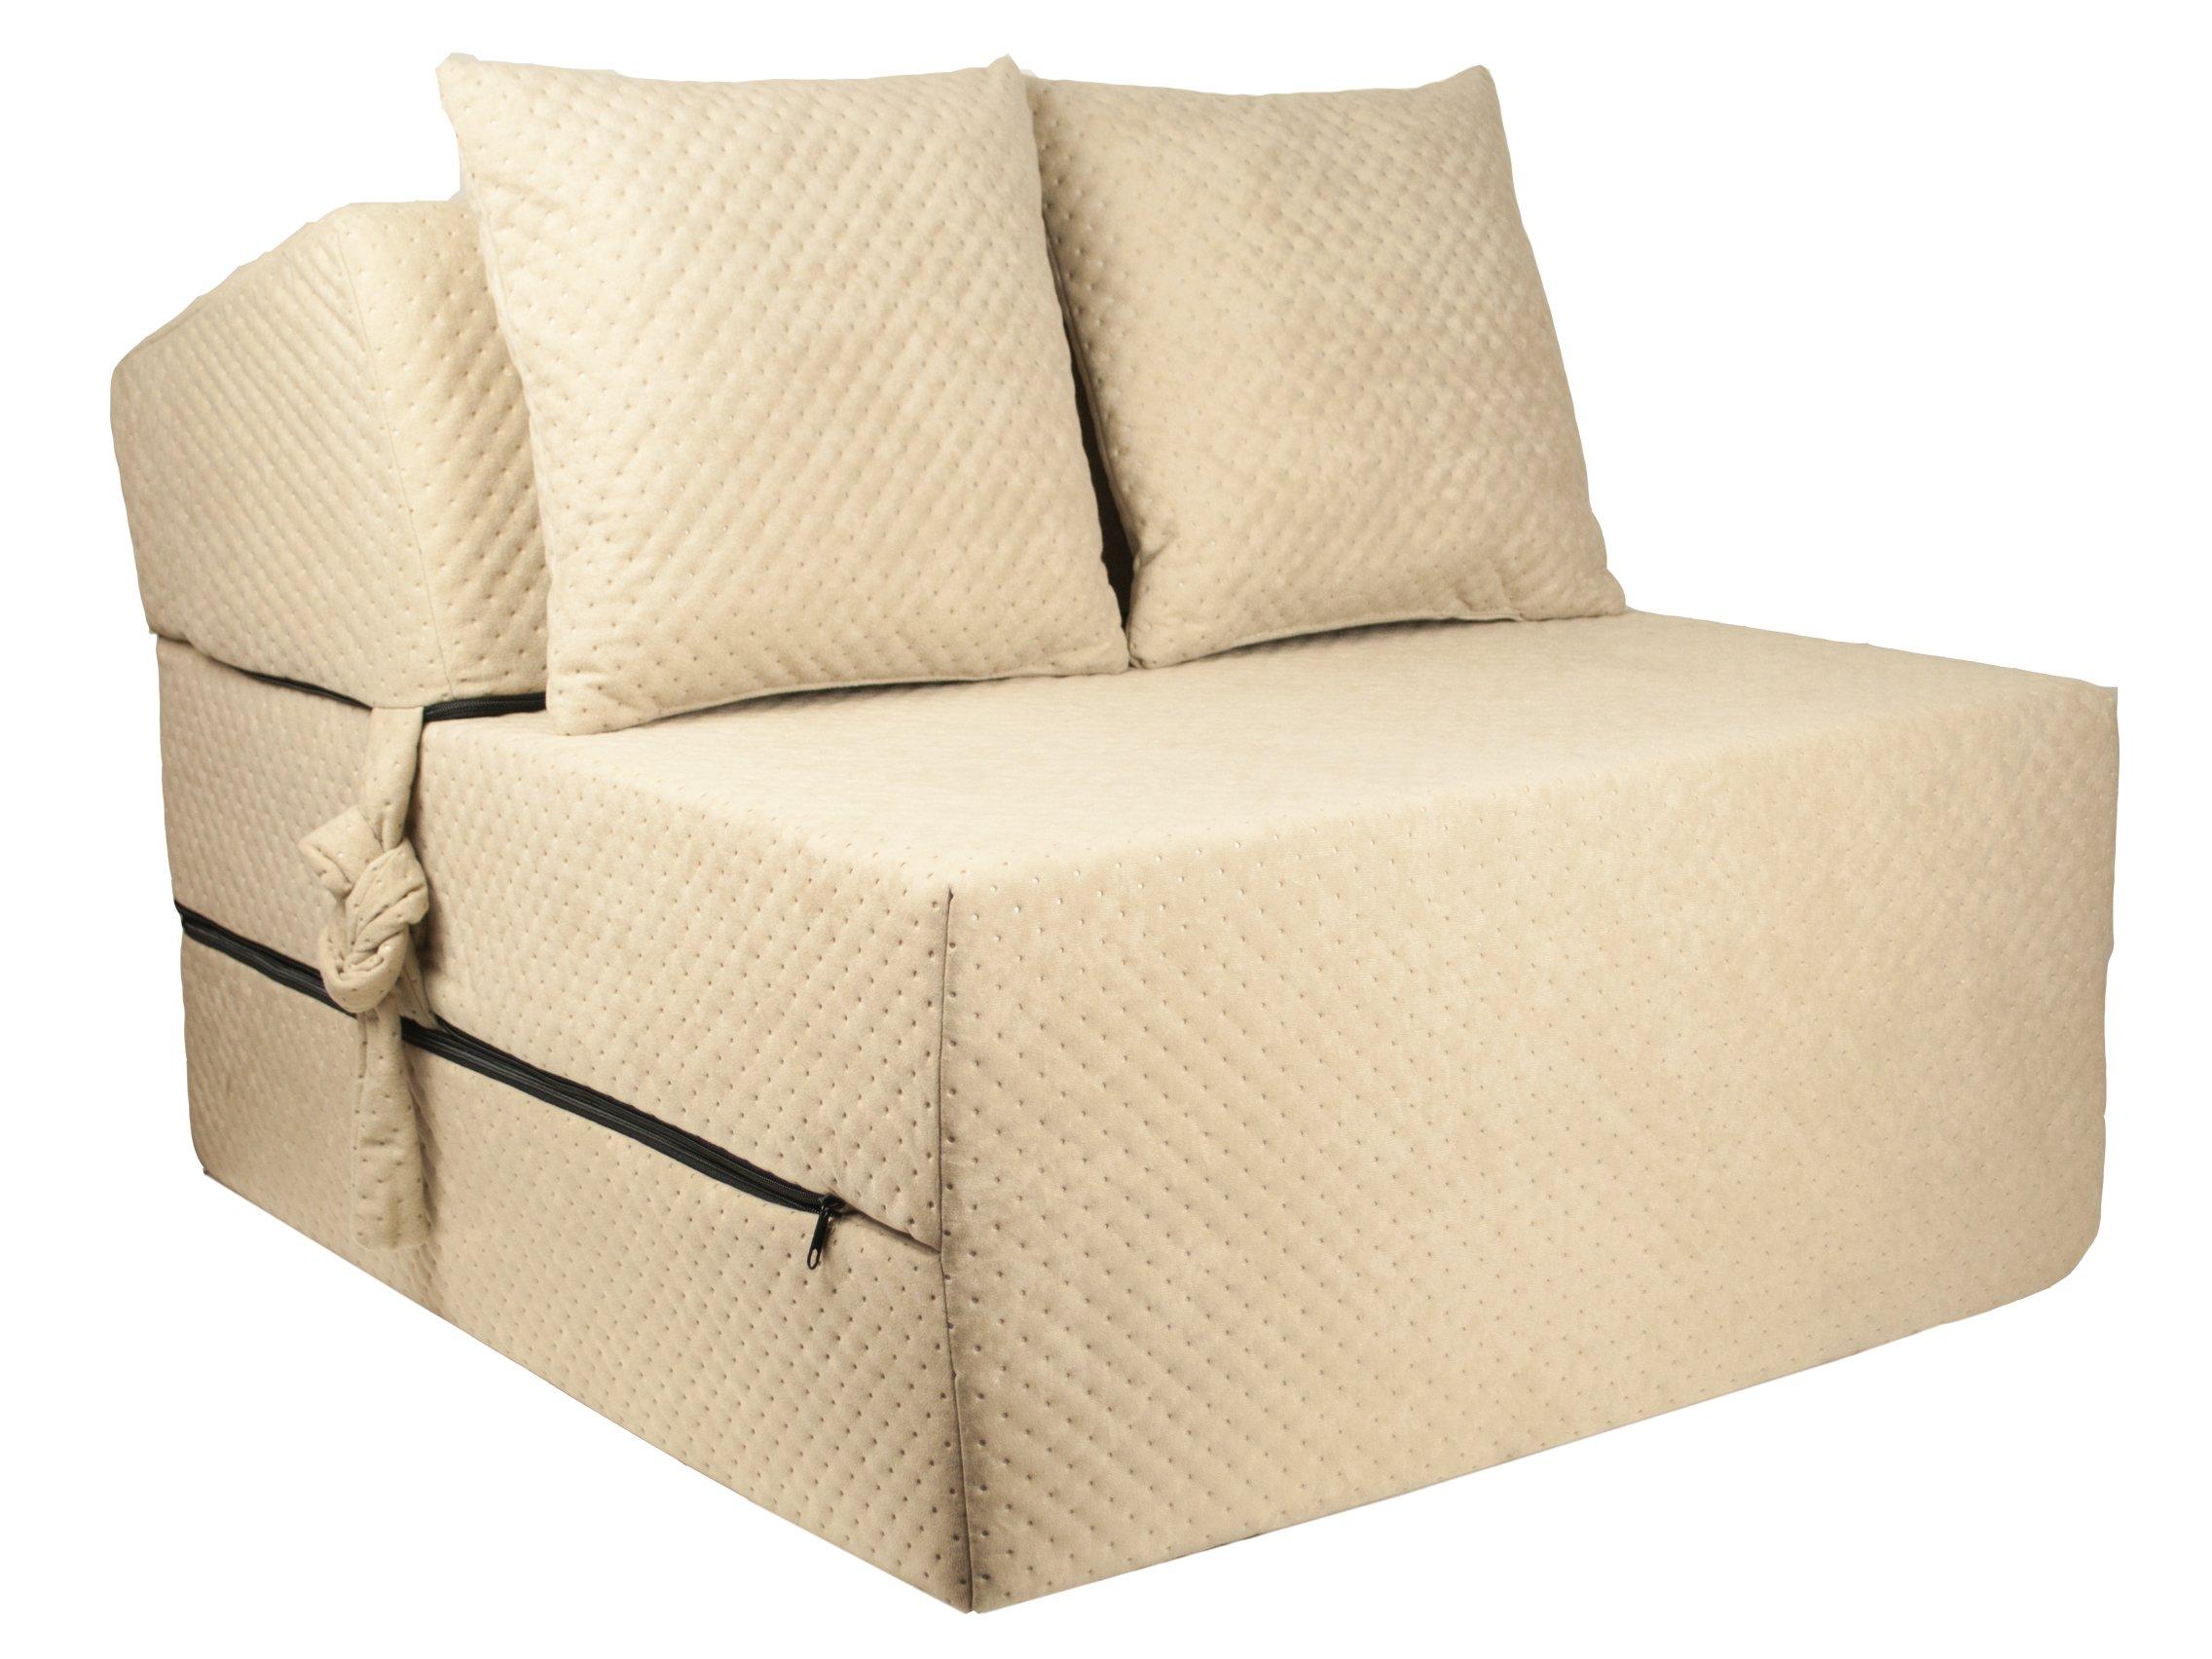 FIMEX Rozkládací křeslo SUPER Comfort pro hosty 70x200x15 Ecru